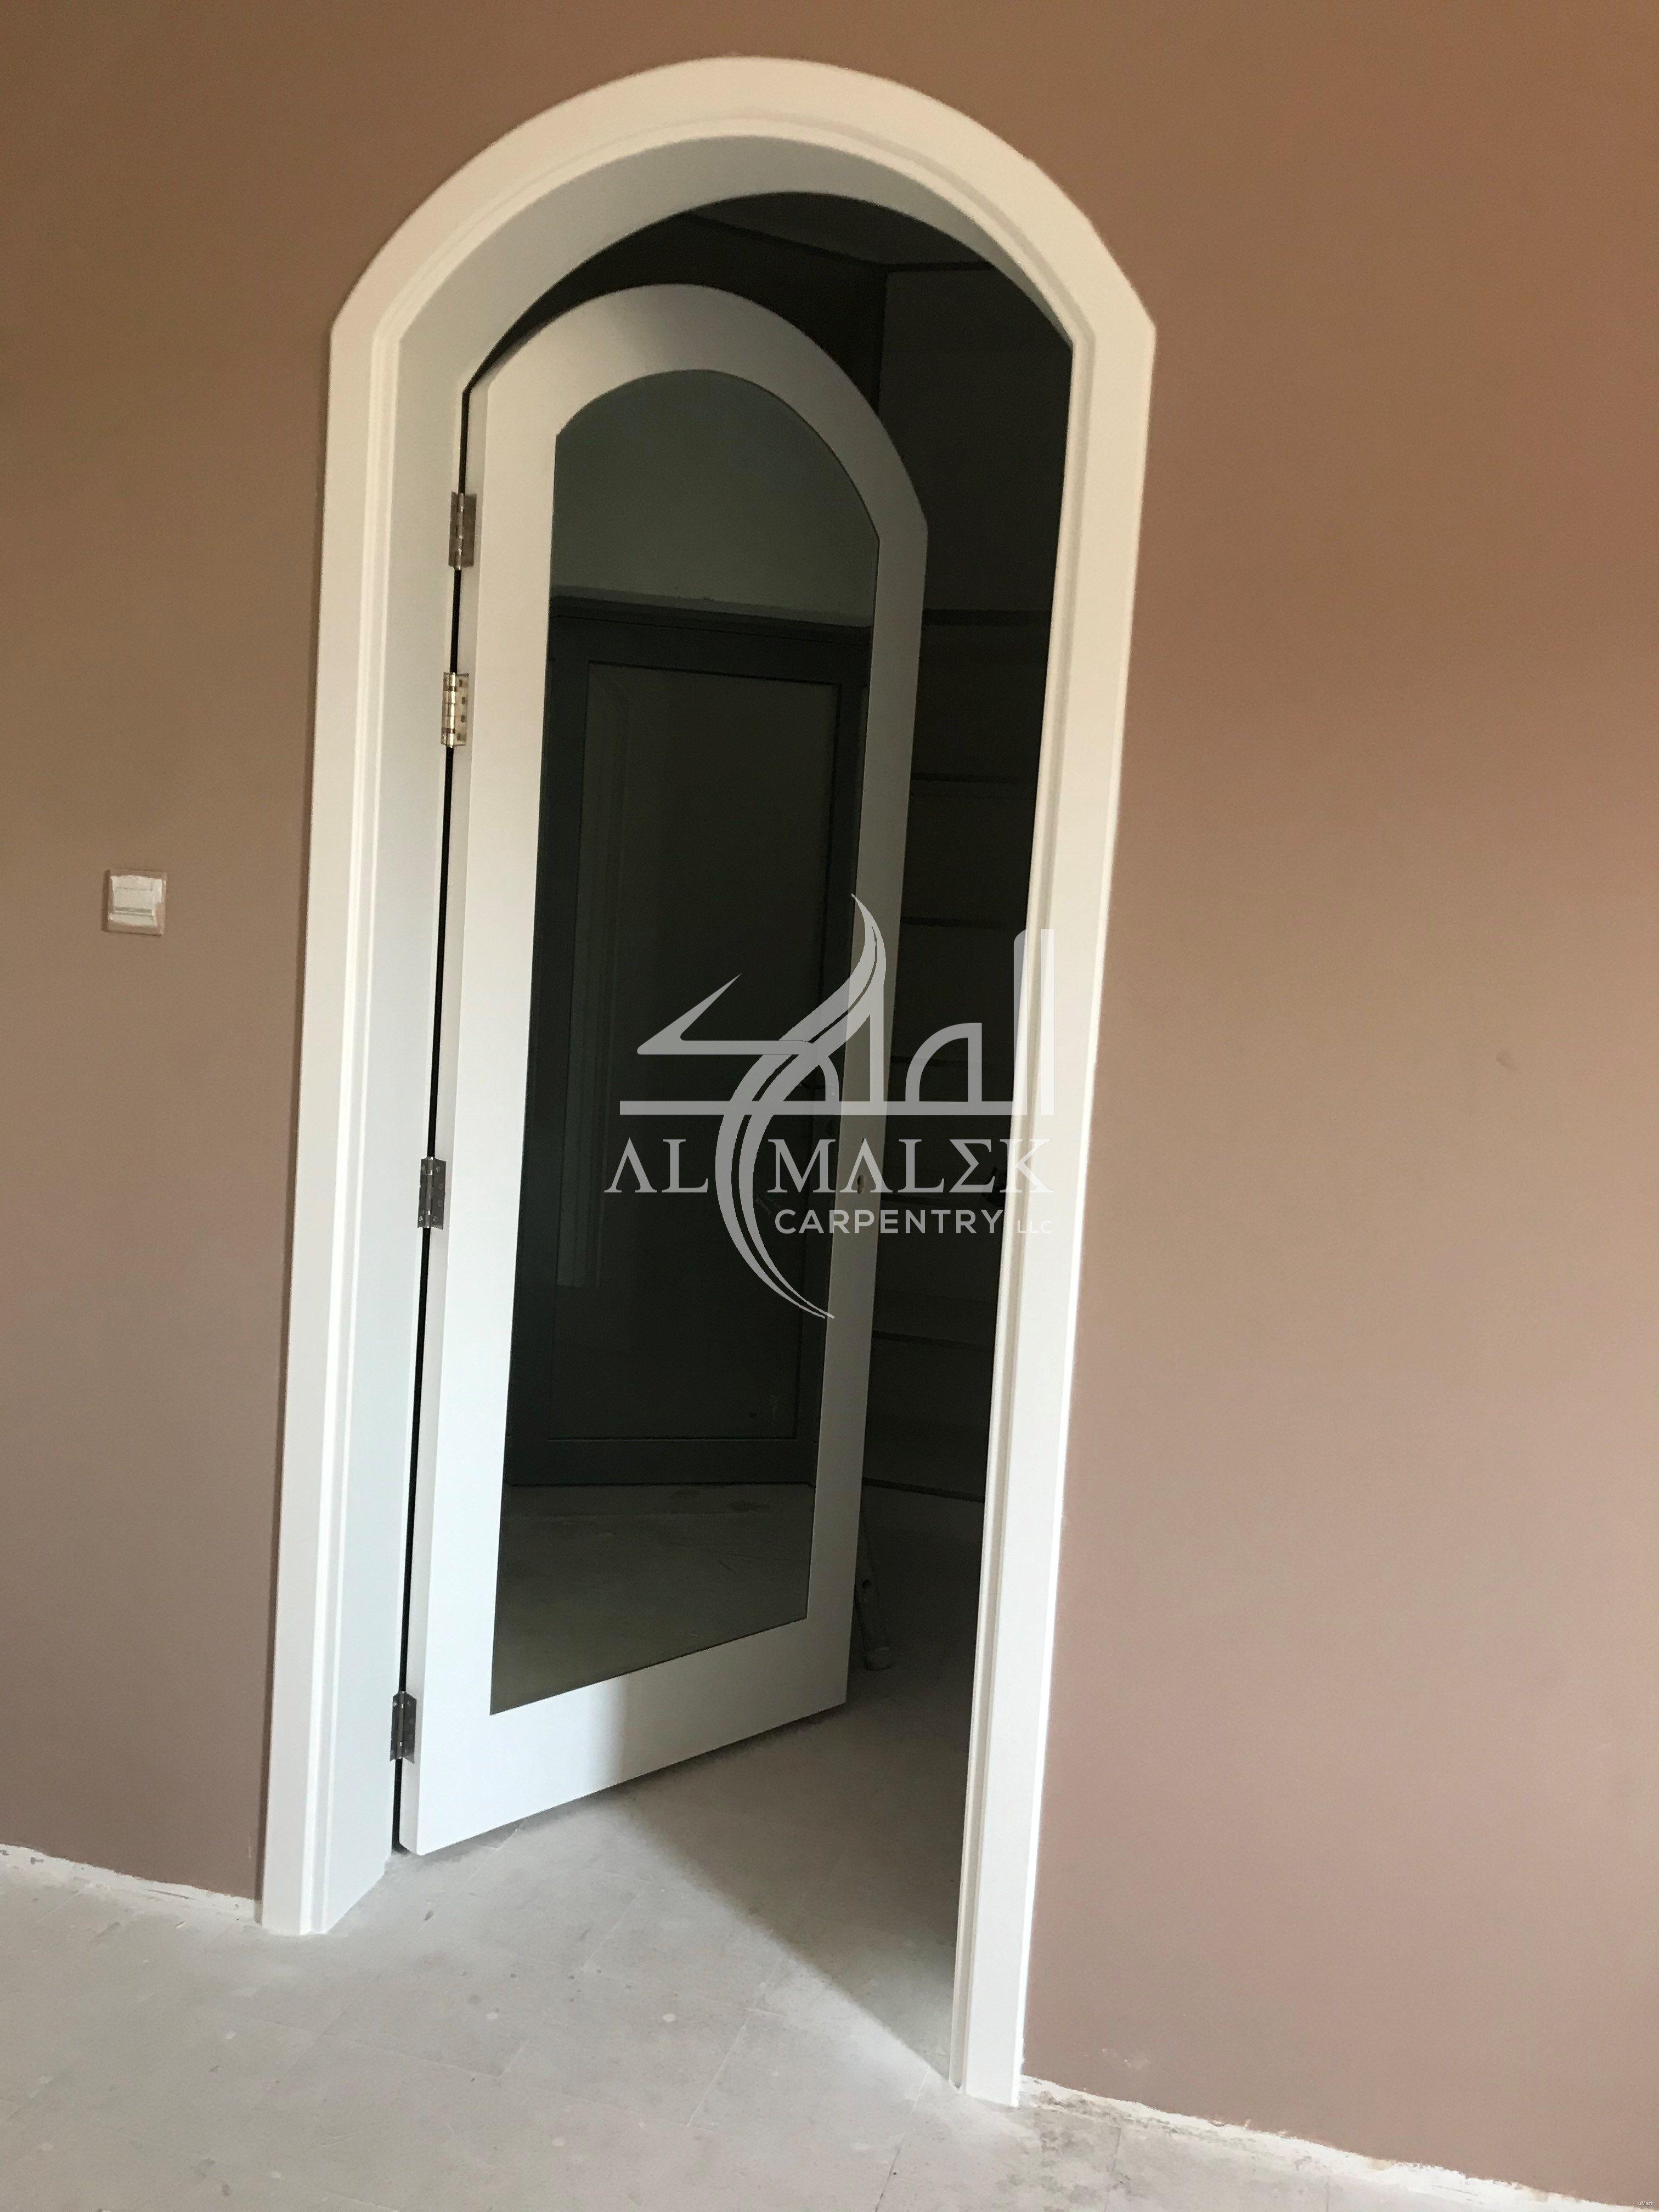 Wooden Doors Wood Frames Mouldings Creative Inspiration Gallery Create A Unique Door Idea Carpentry And Joinery Wooden Doors Door Design